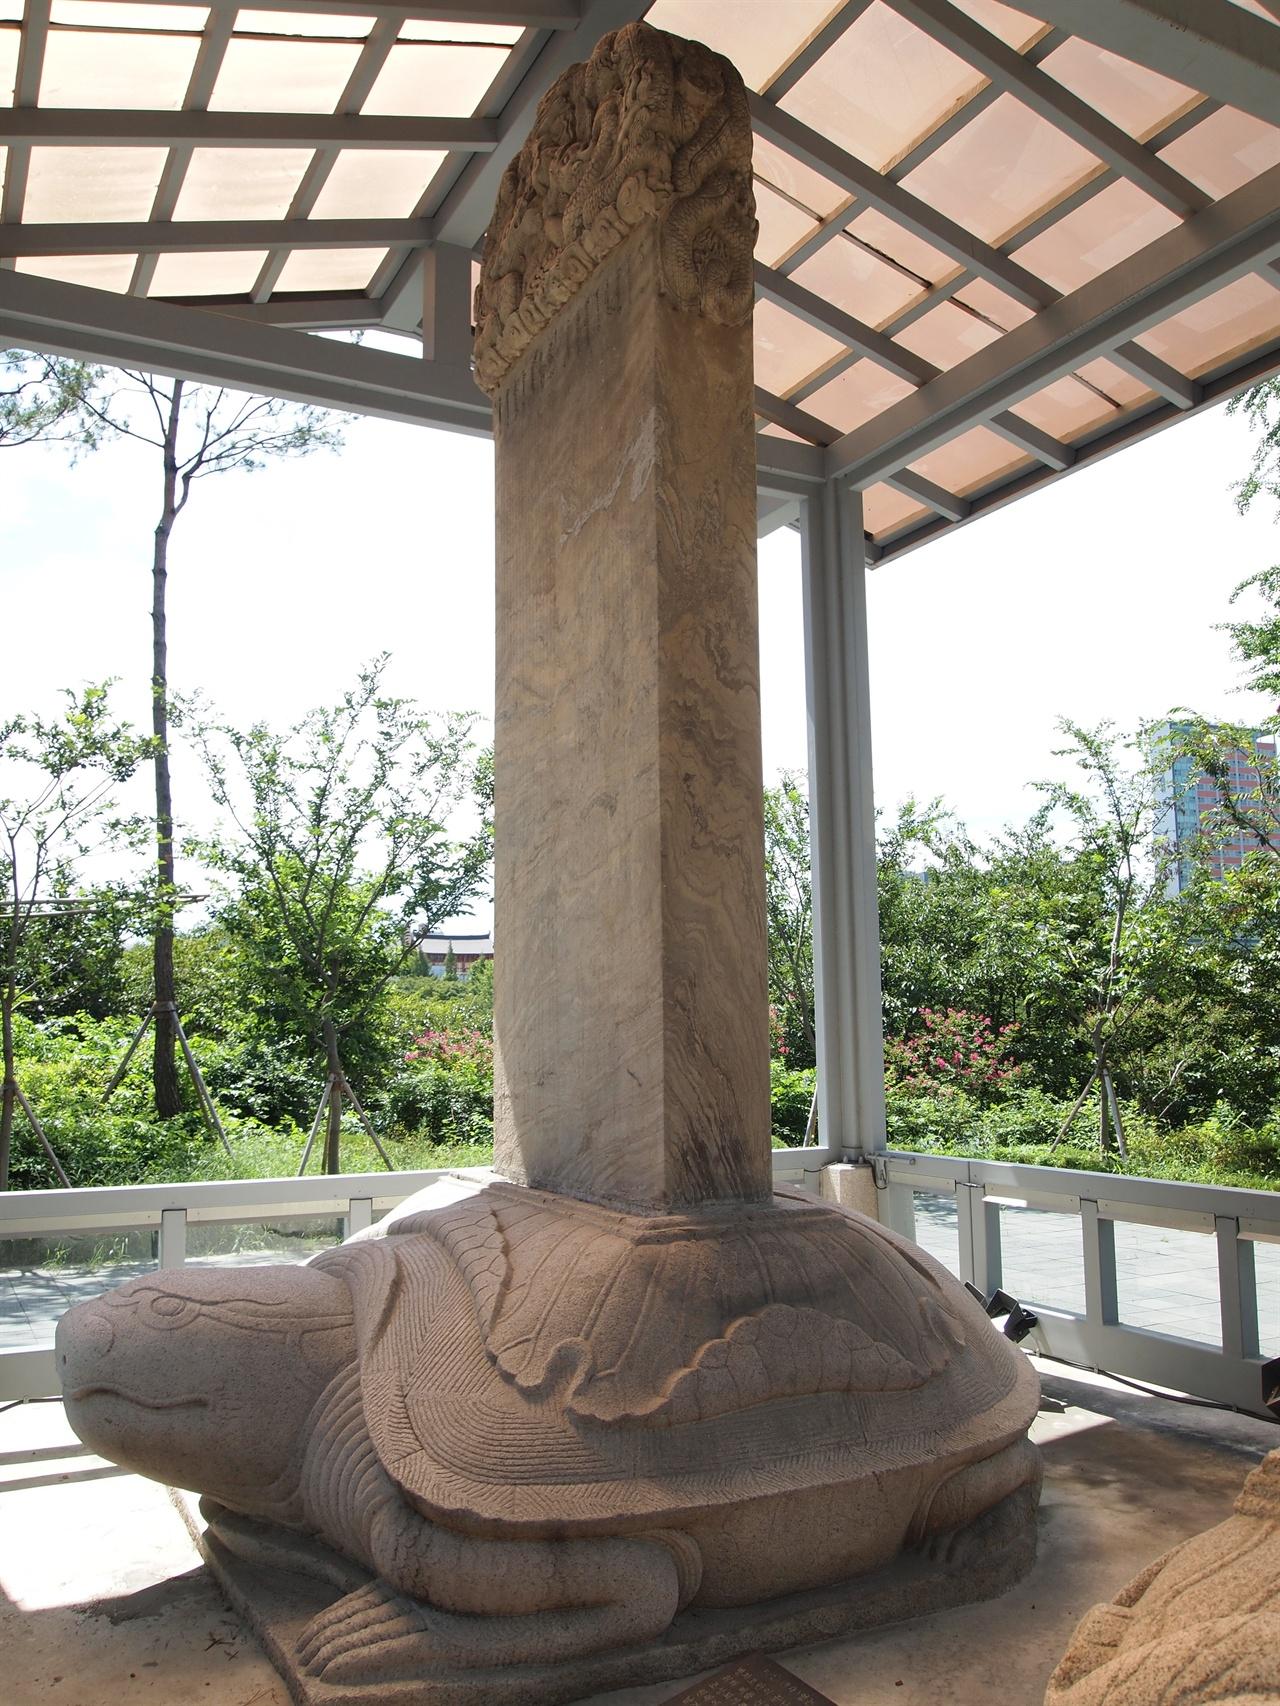 서울 삼전도비 삼전도의 굴욕을 상징하는 '삼전도비'의 모습